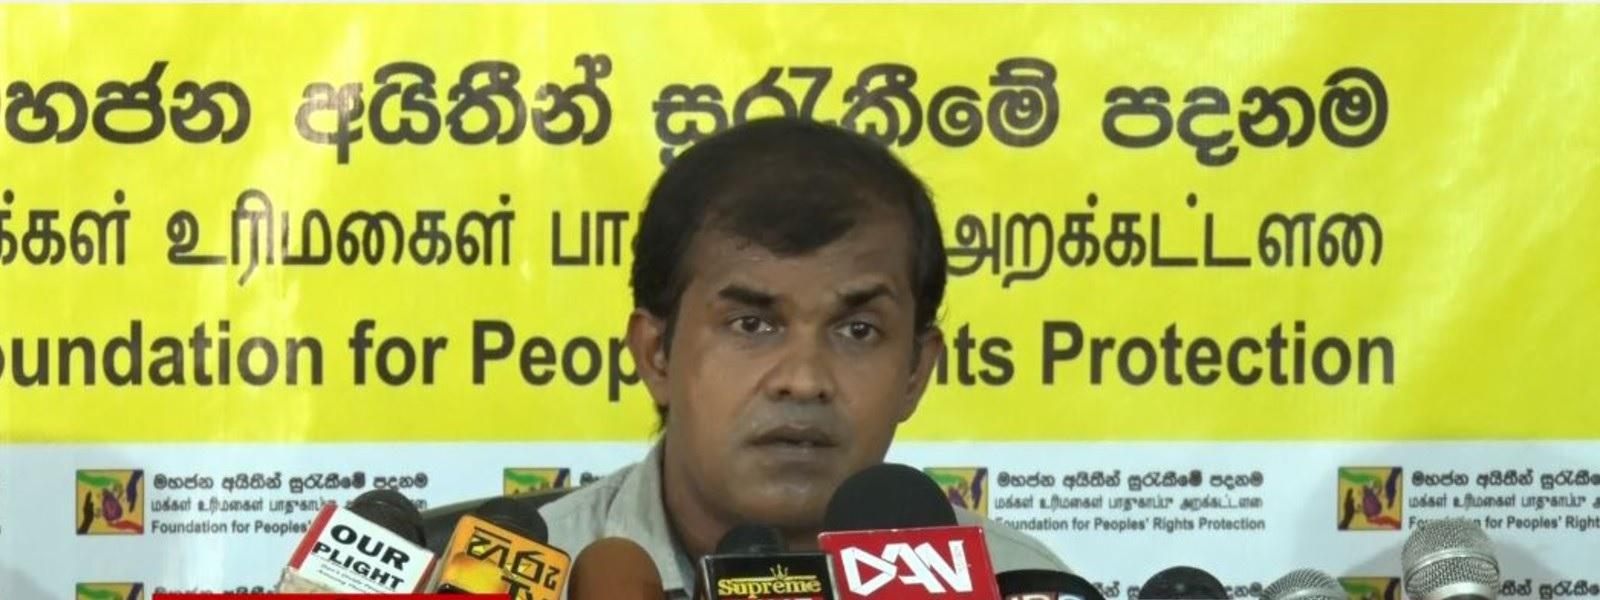 நுகர்வோர் உரிமைகளை பாதுகாக்கும் அமைப்பின் தலைவர் அசேல சம்பத் பிணையில் விடுவிப்பு